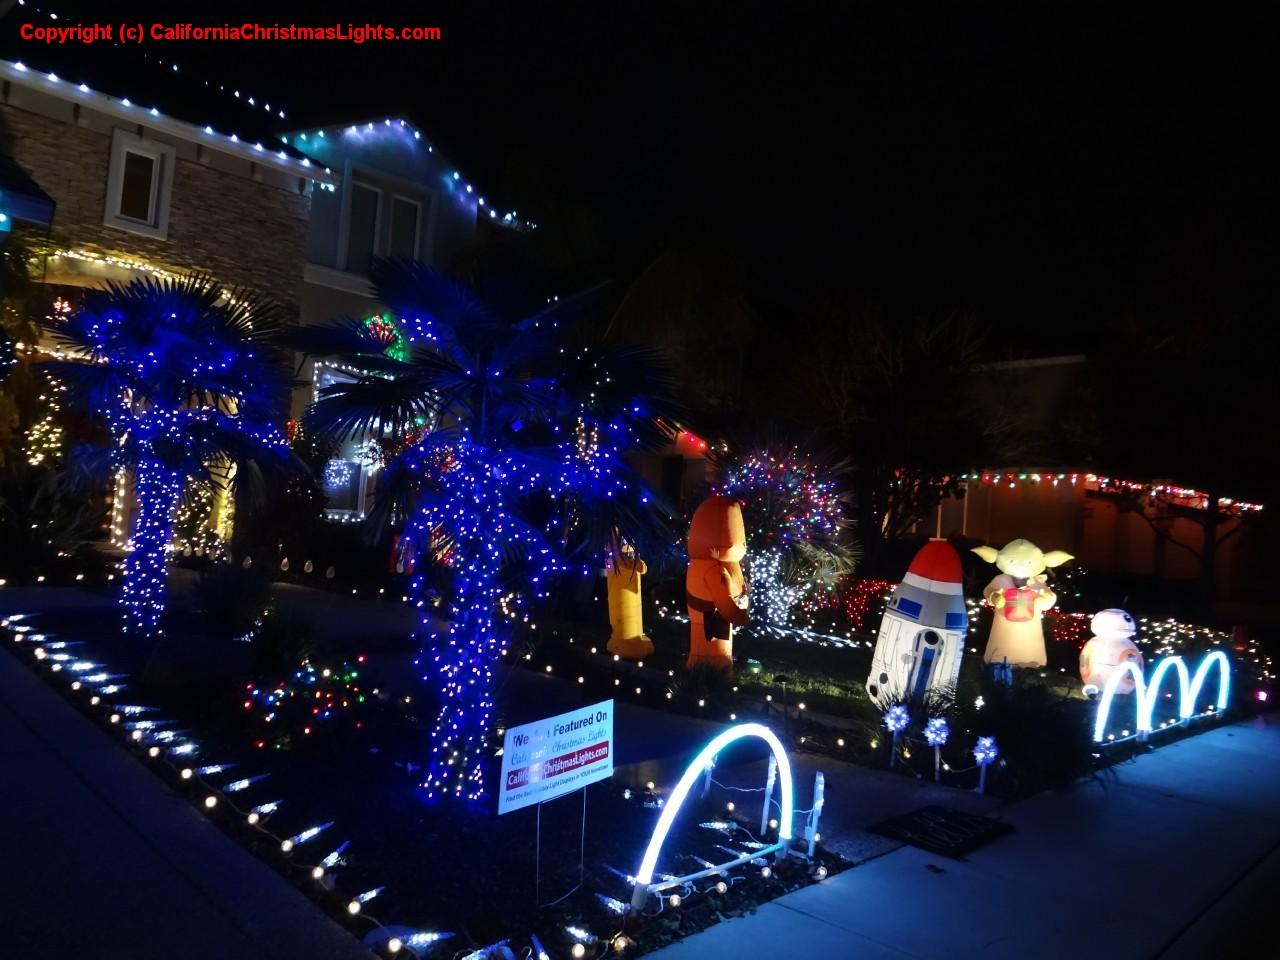 Holiday Display At 6904 Paul Do Mar Way